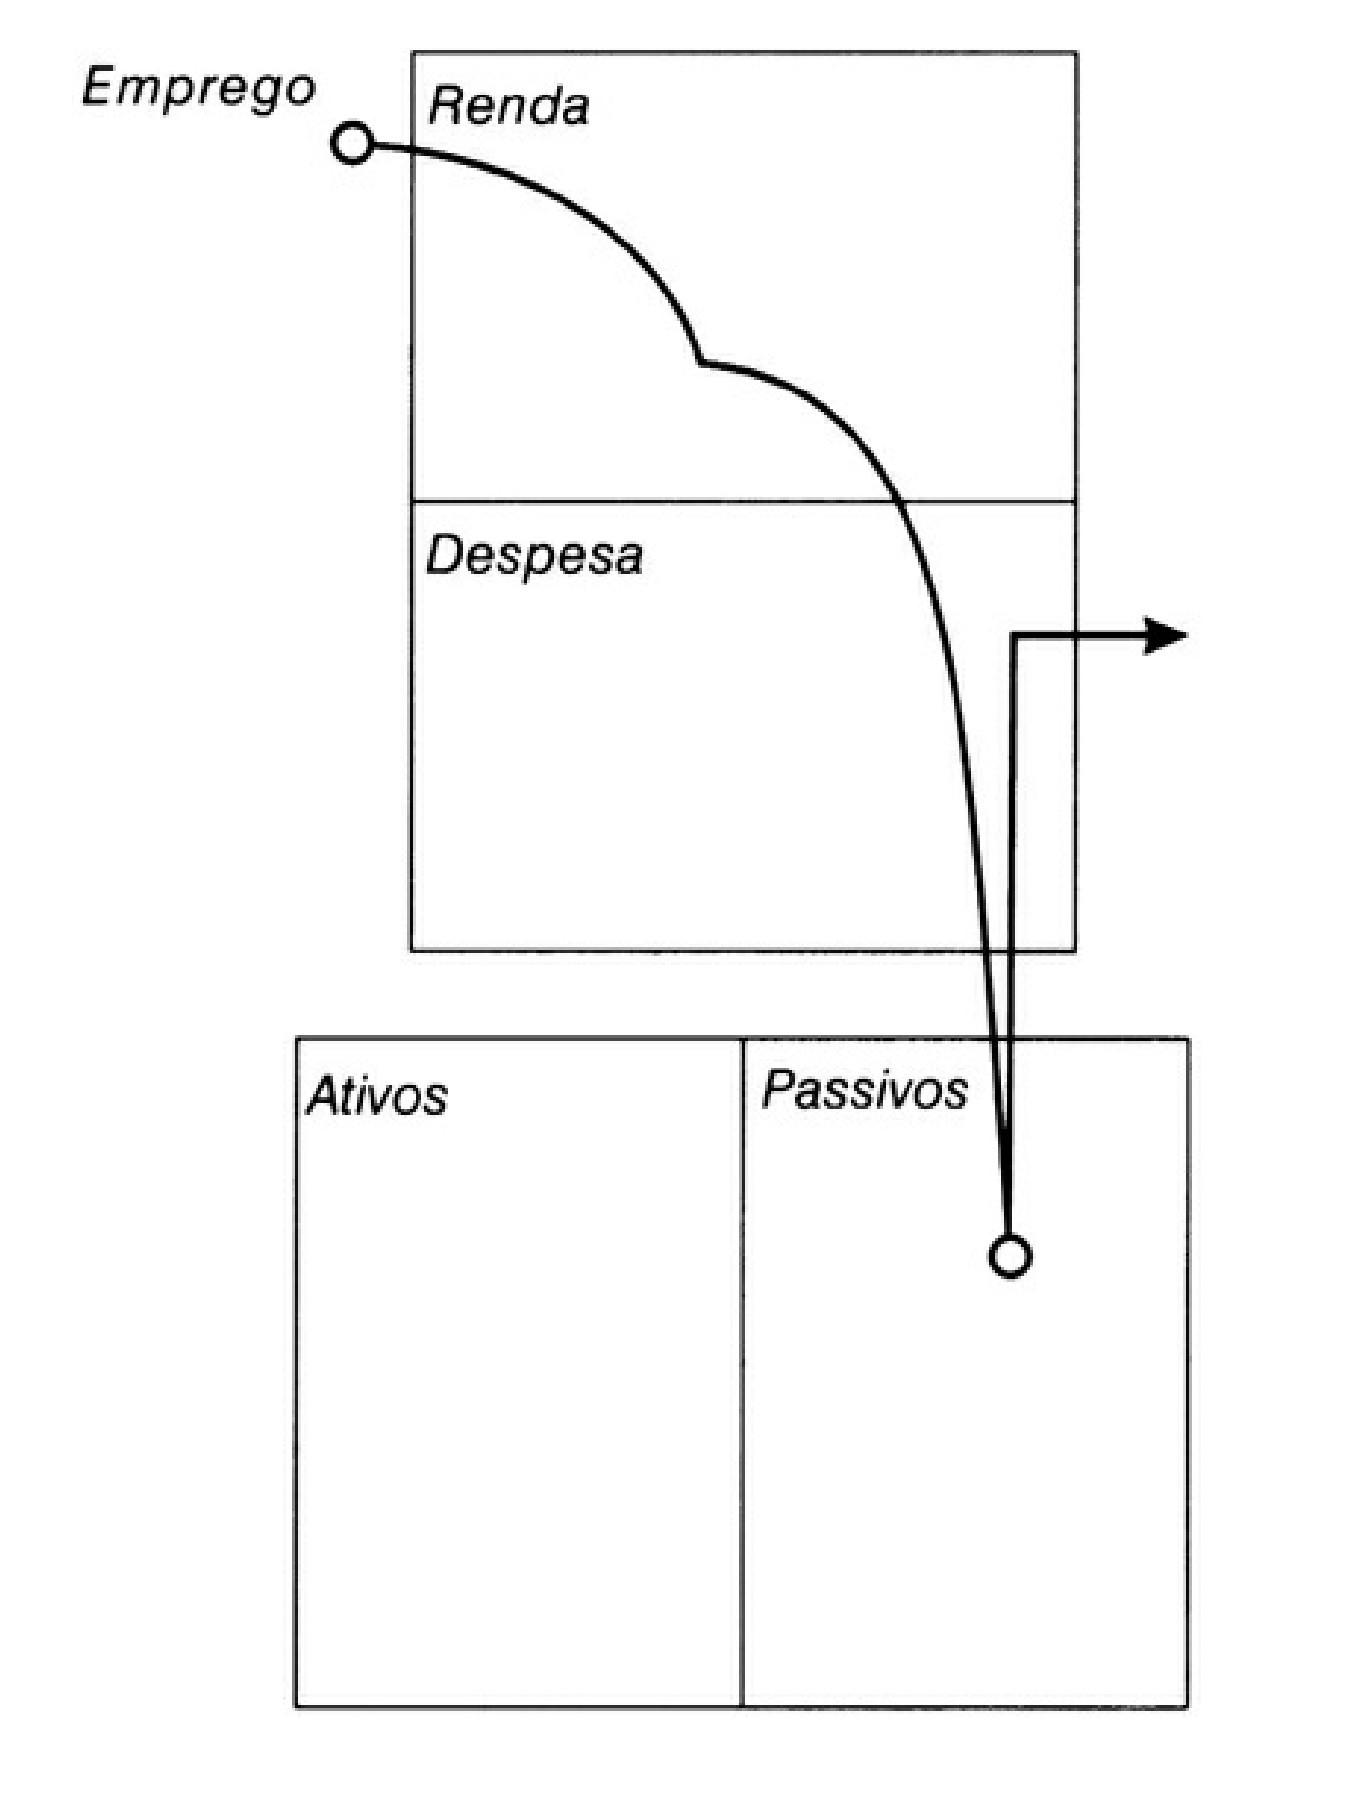 Passivo Gosto De Me Montar Ativo Tambem-7507